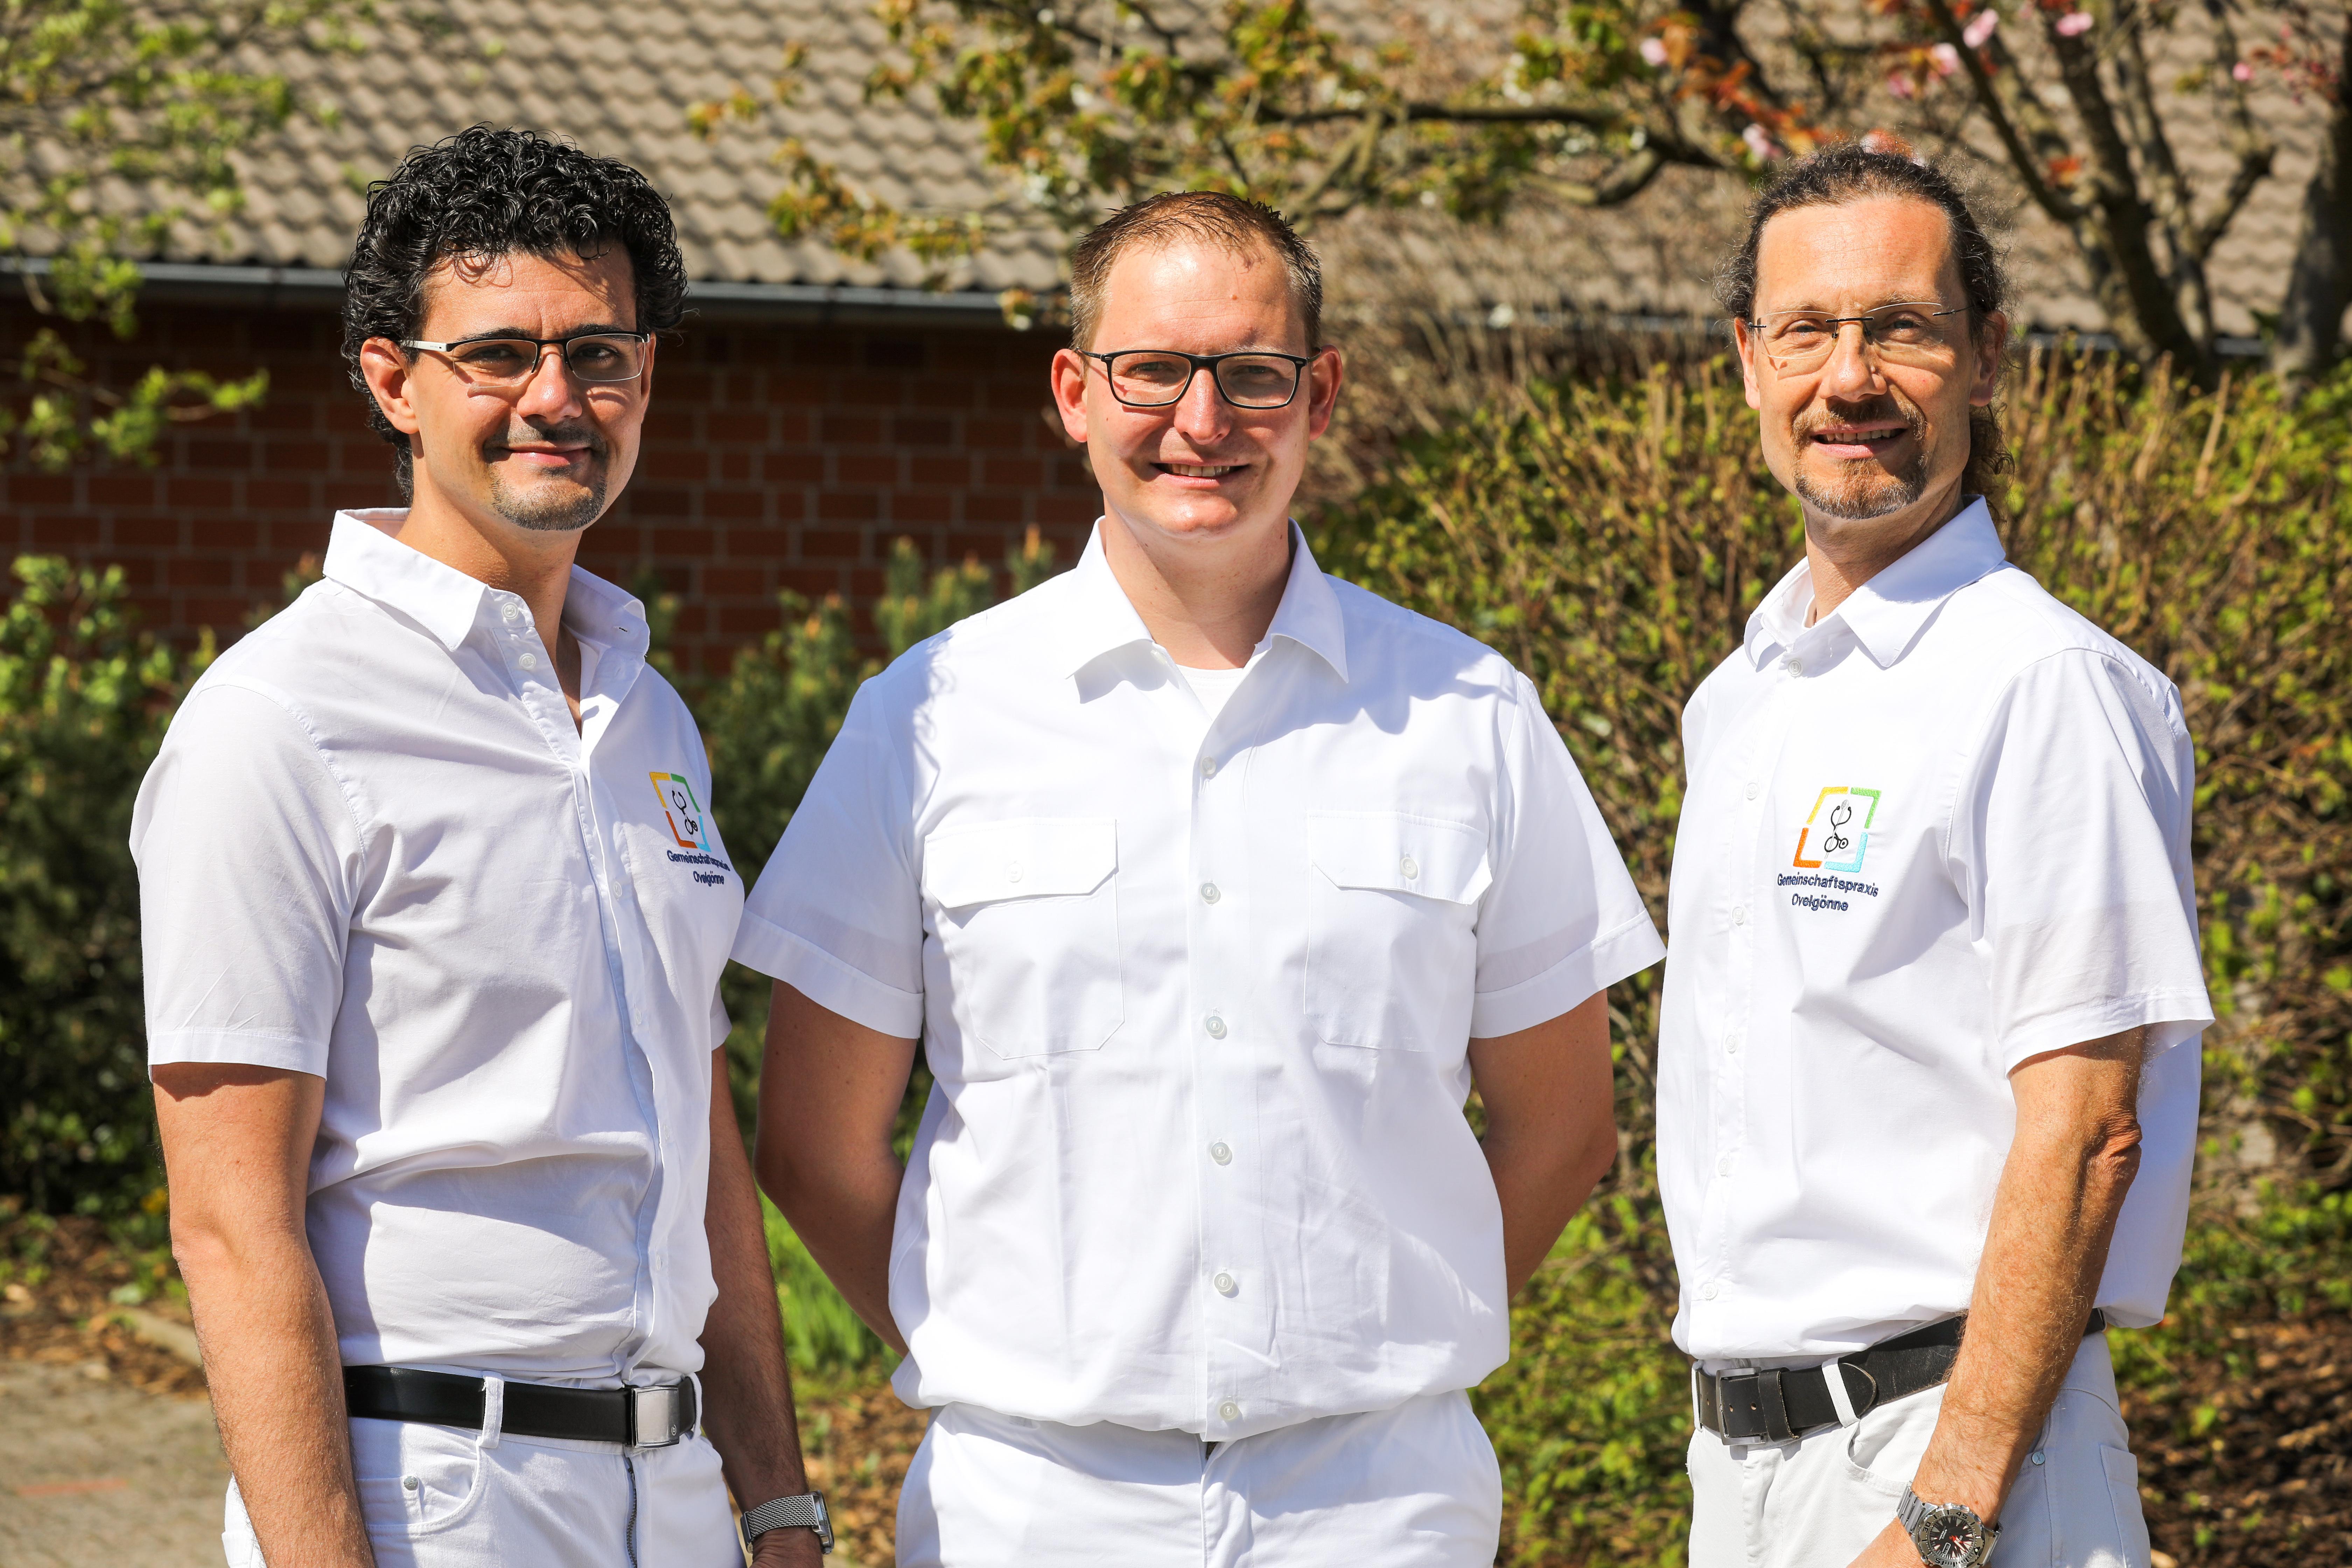 Dr Baiduc, Dr. Seemann, Thorsten Knigge. Für Ovelgönne, Oldau, Winsen und Hambühren.